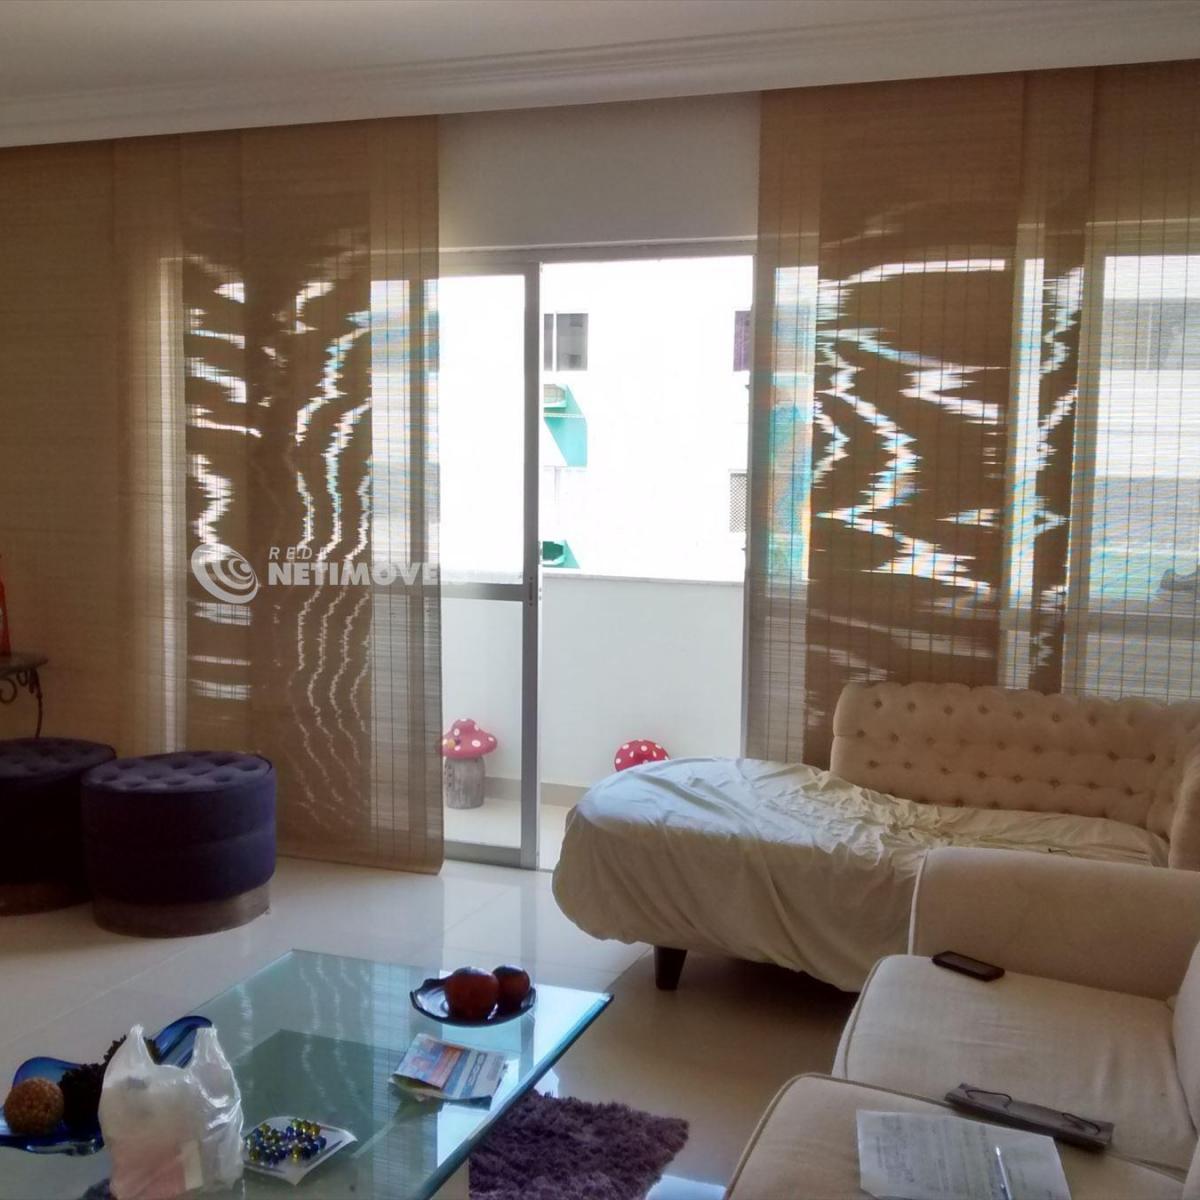 Imagens de #604733  Costa Azul Salvador R$ 2.200 110 m2 ID: 2929590959 Imovelweb 1200x1200 px 3526 Blindex Banheiro Salvador